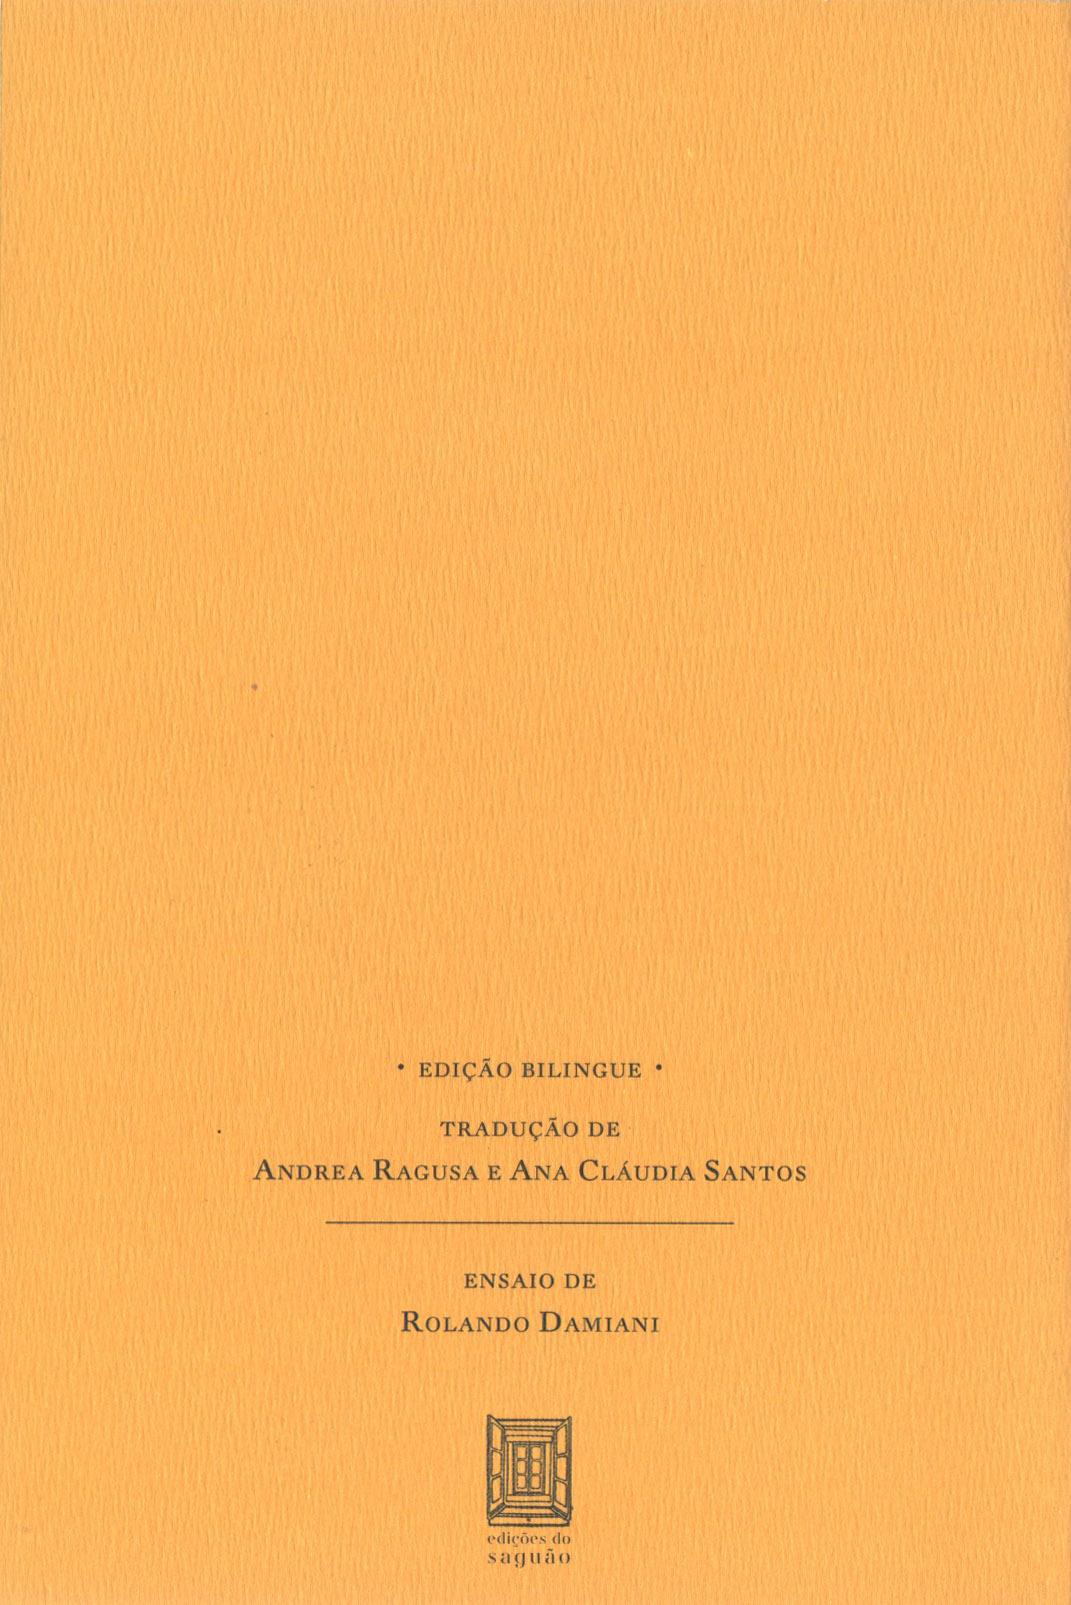 Pensamentos, Giacomo Leopardi